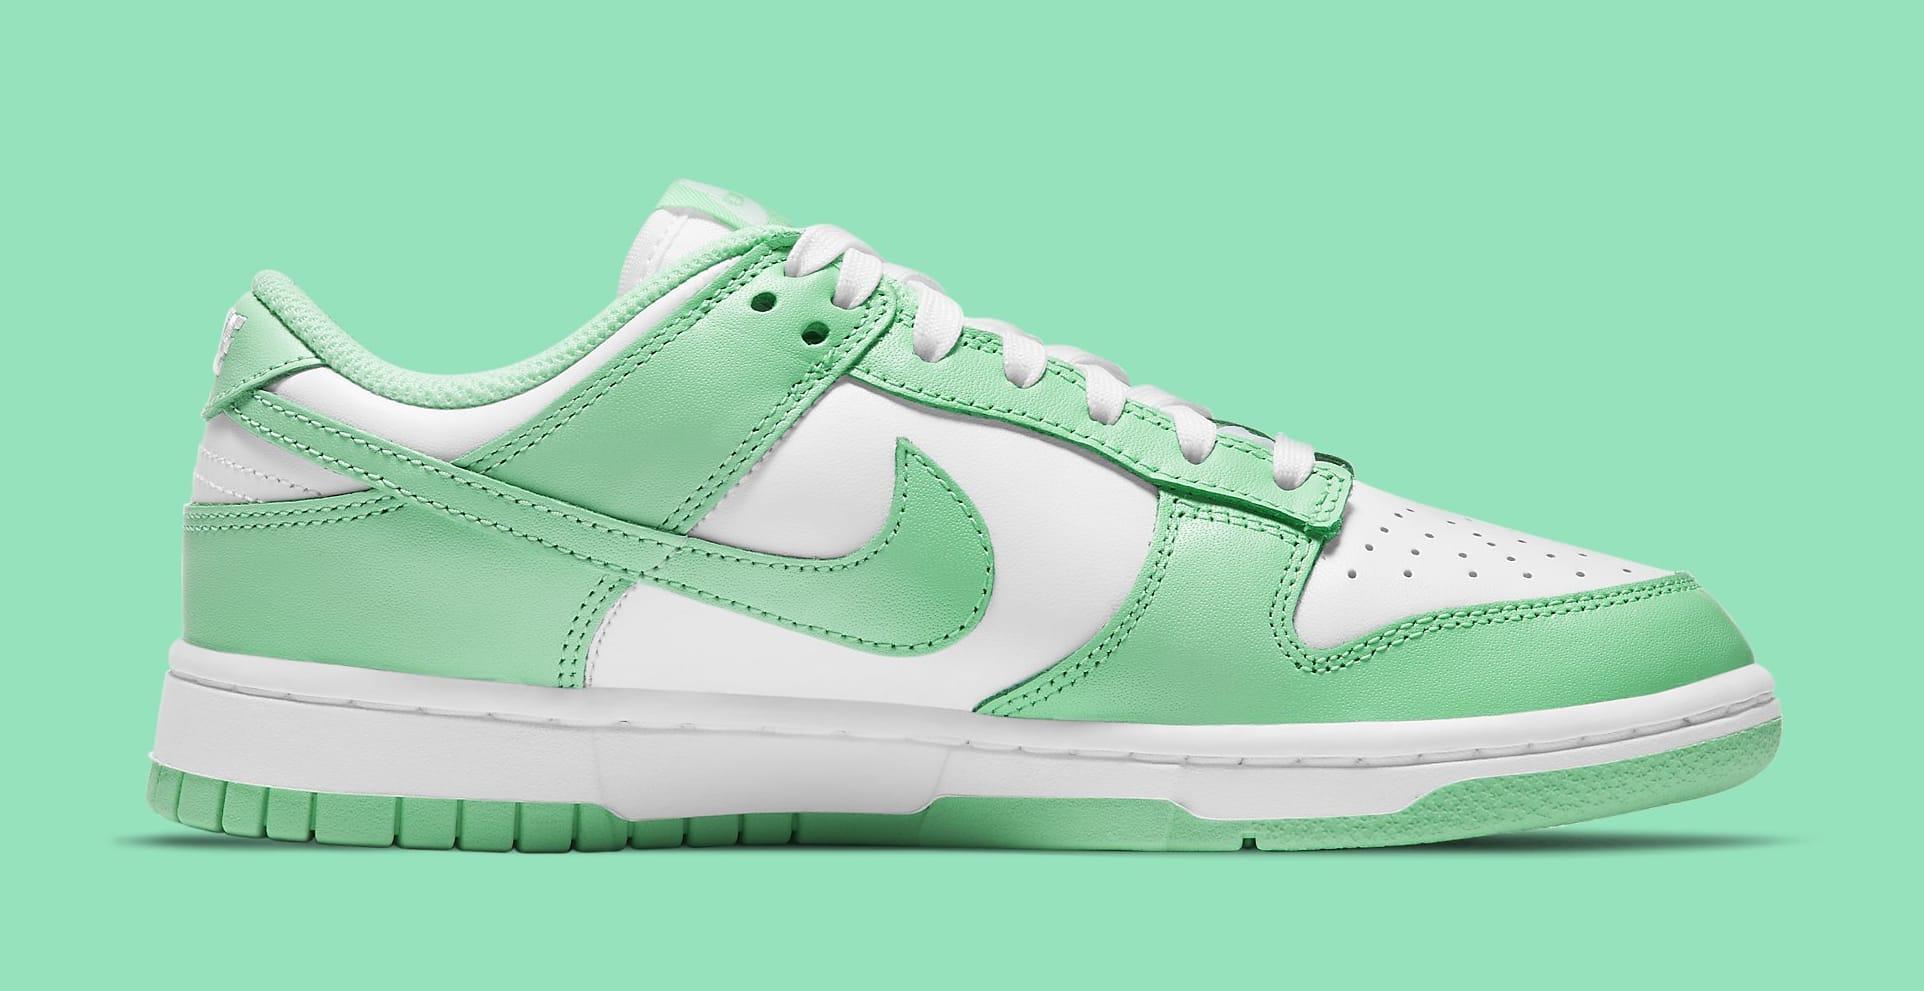 Nike Dunk Low Women's 'Green Glow' DD1503-105 Medial